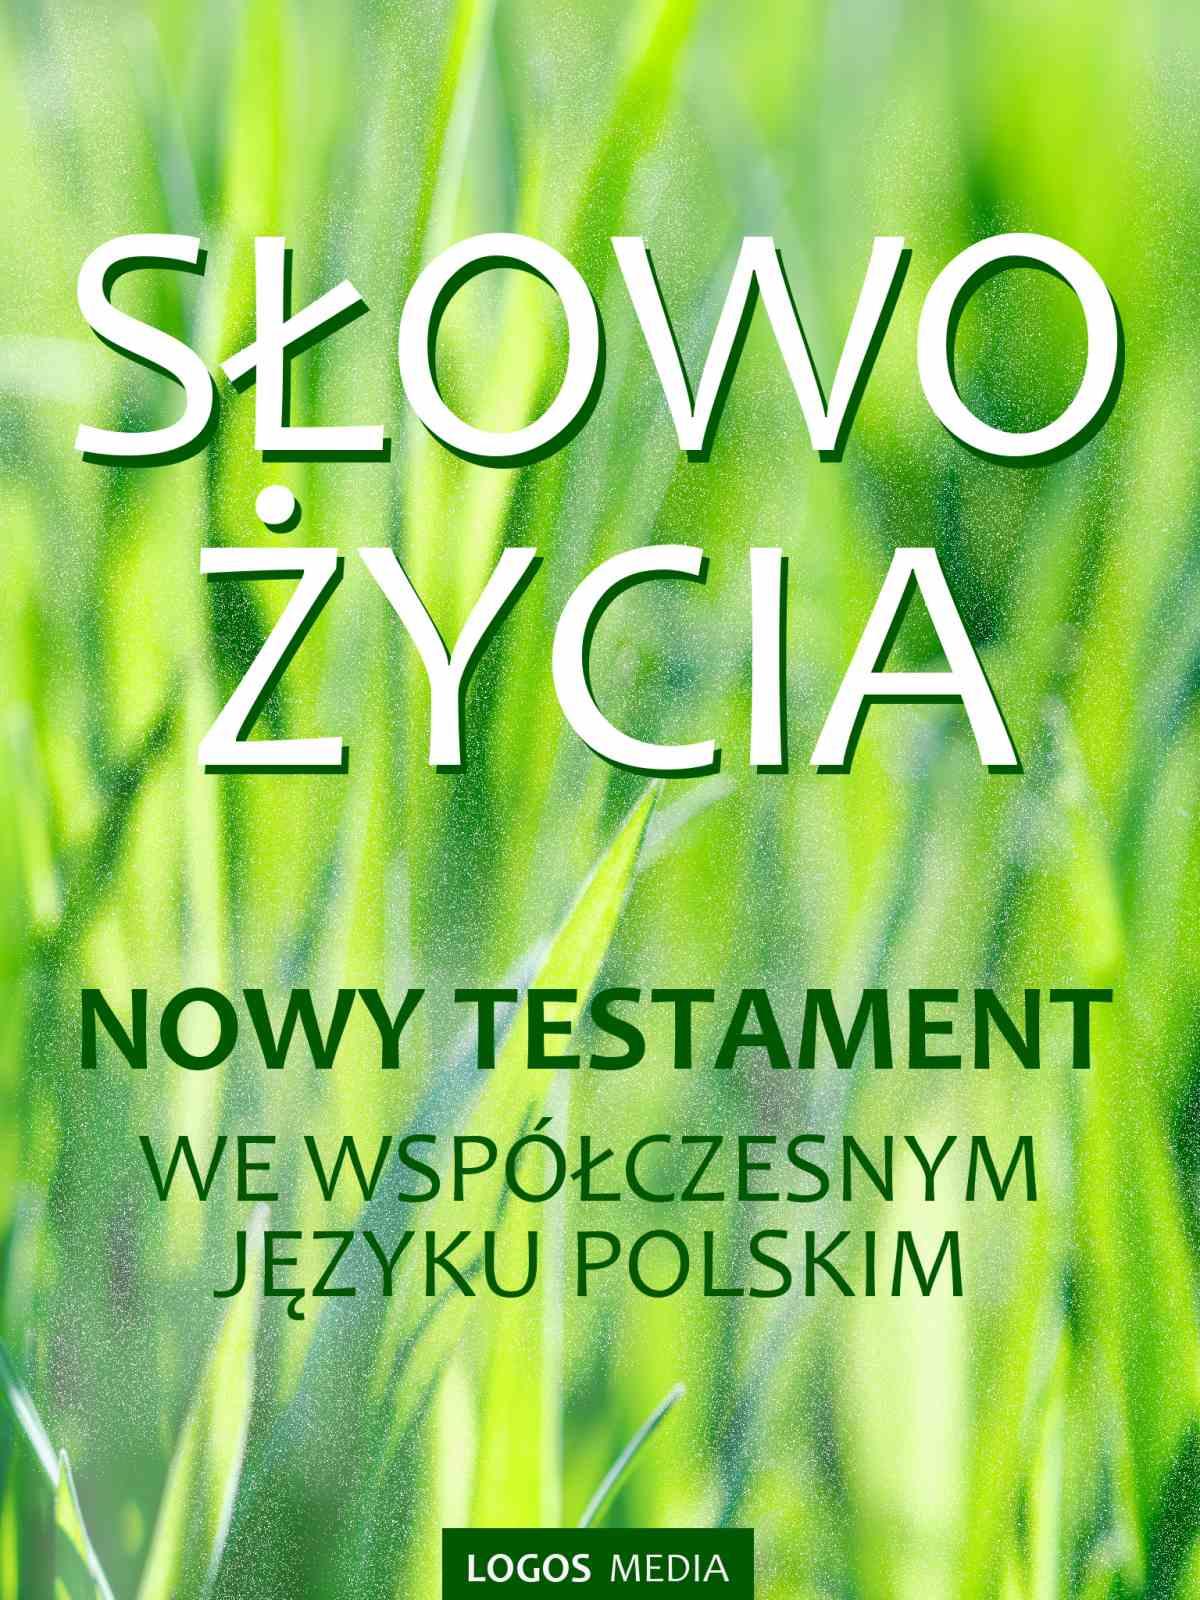 Słowo Życia. Nowy Testament we współczesnym języku polskim - Ebook (Książka EPUB) do pobrania w formacie EPUB